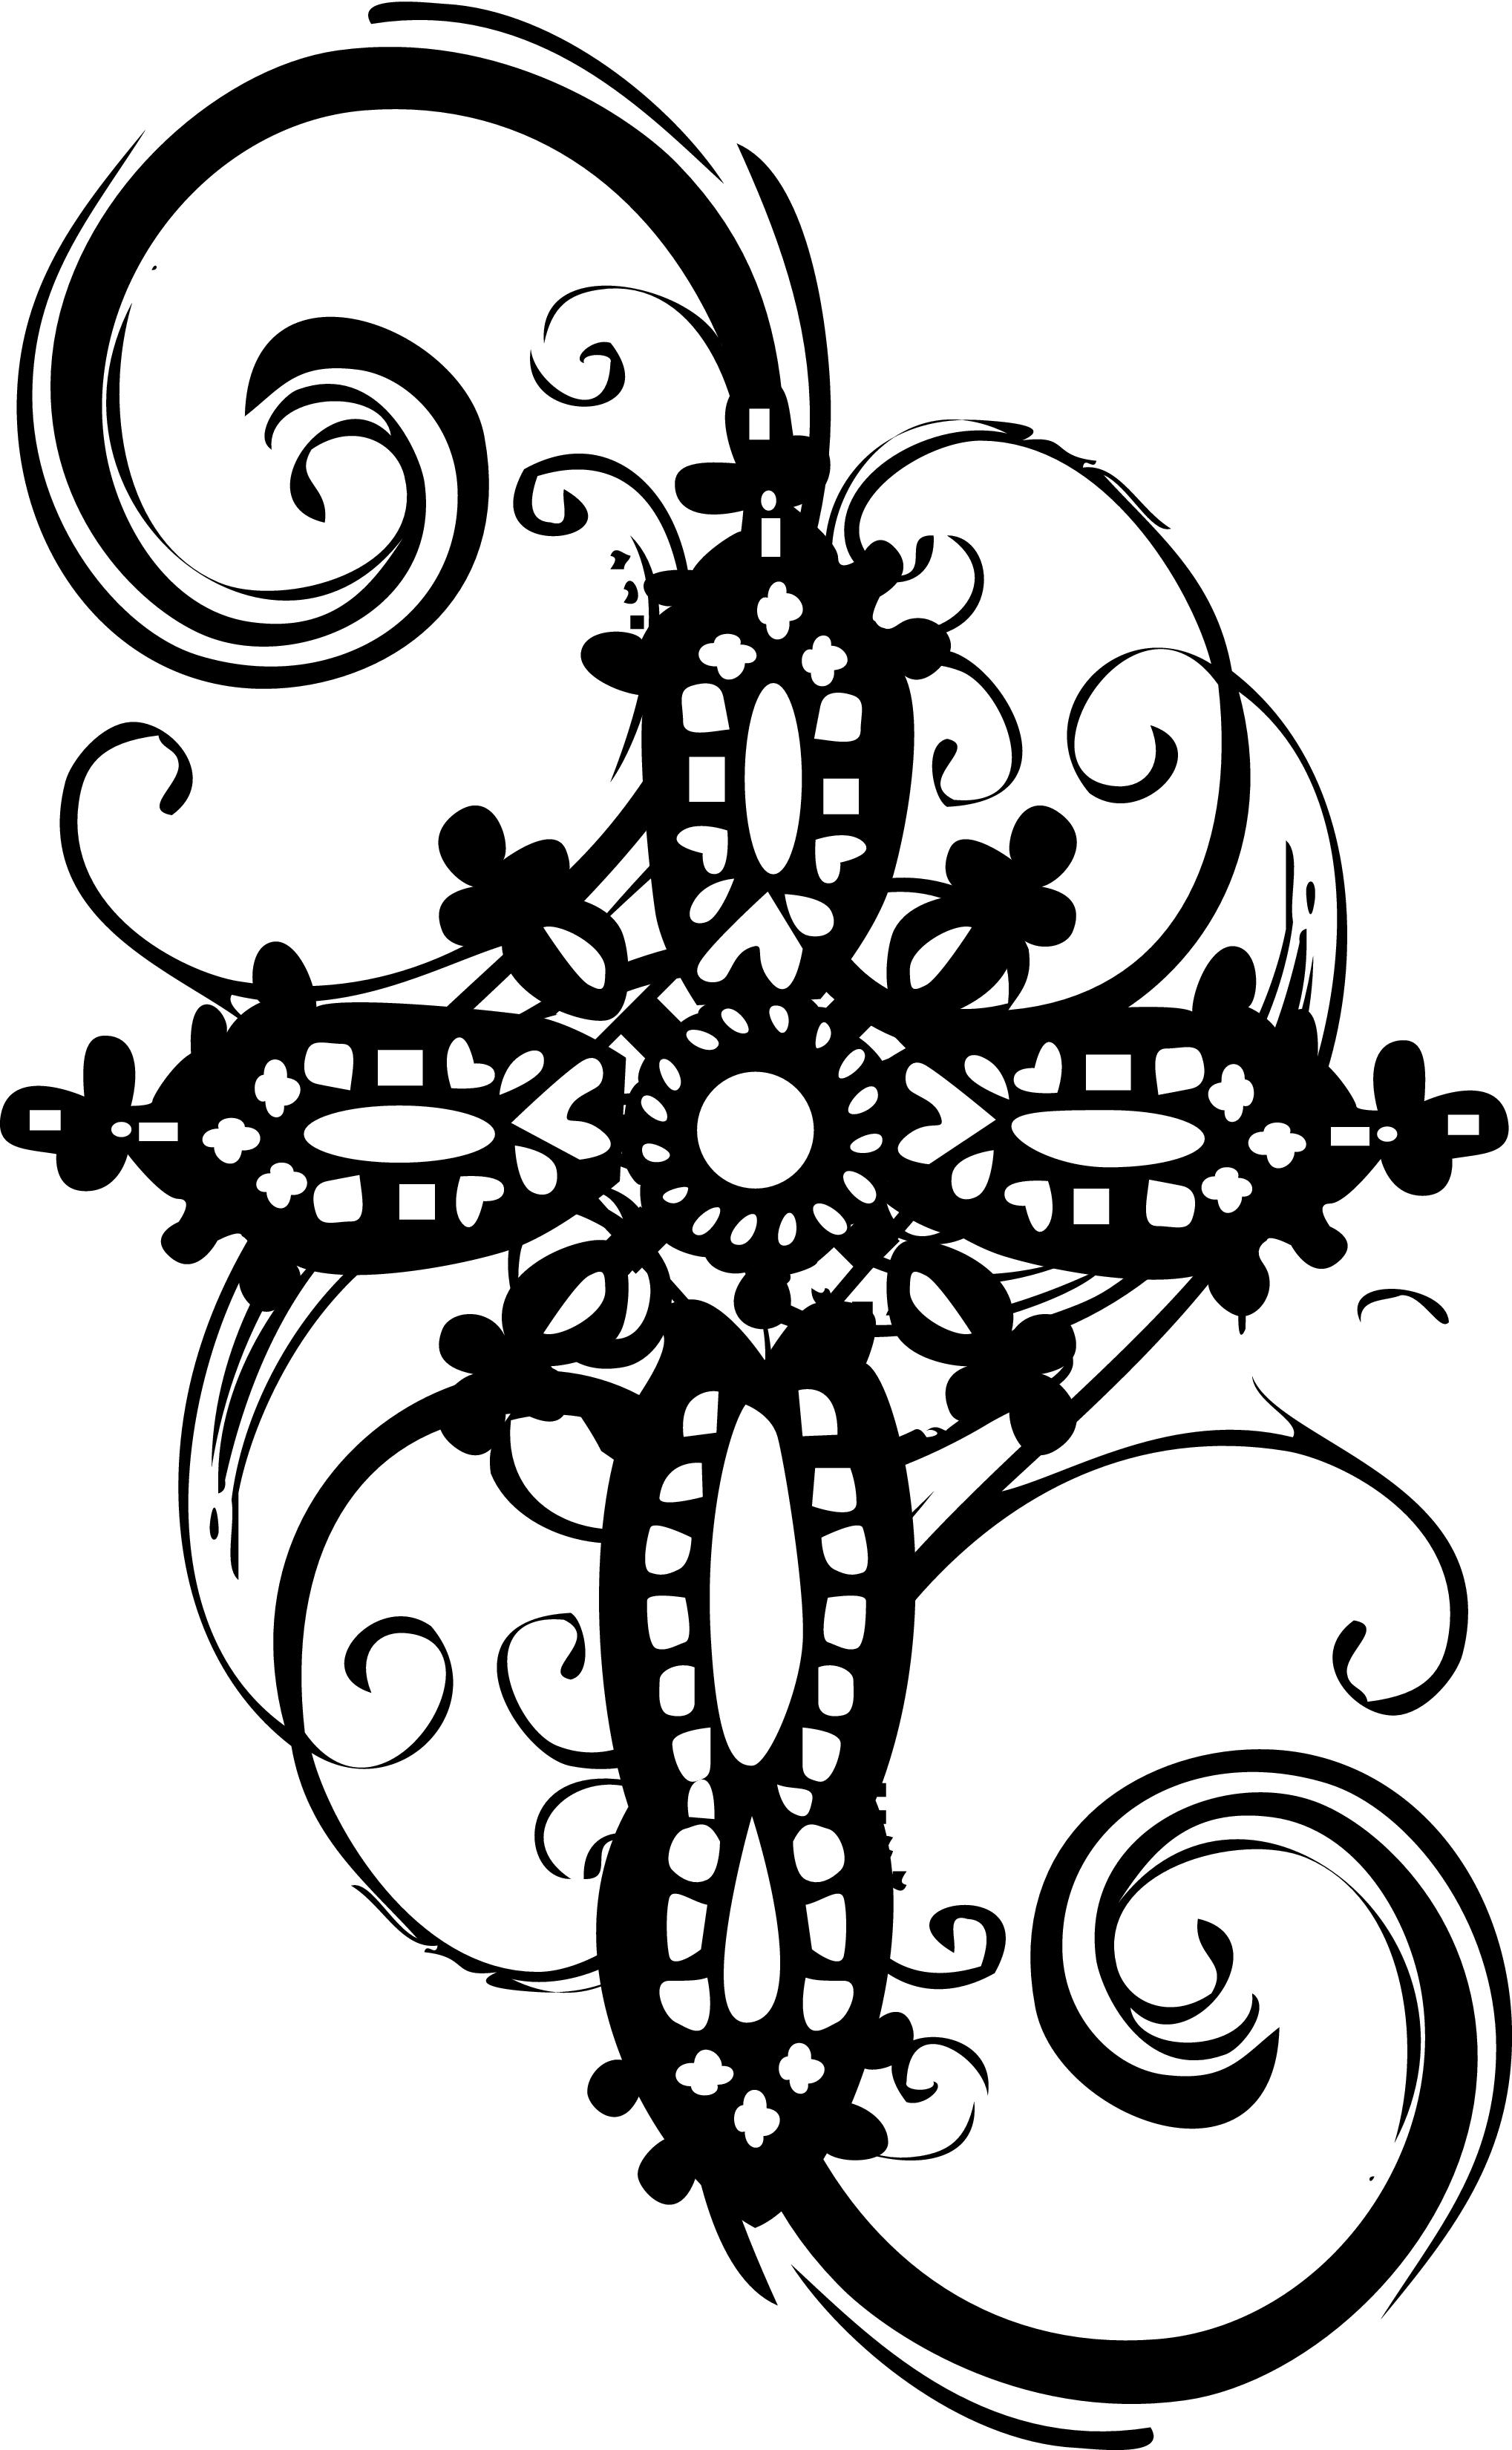 Decorative Cross Clip Art   Clipart Panda - Free Clipart ... (2037 x 3300 Pixel)